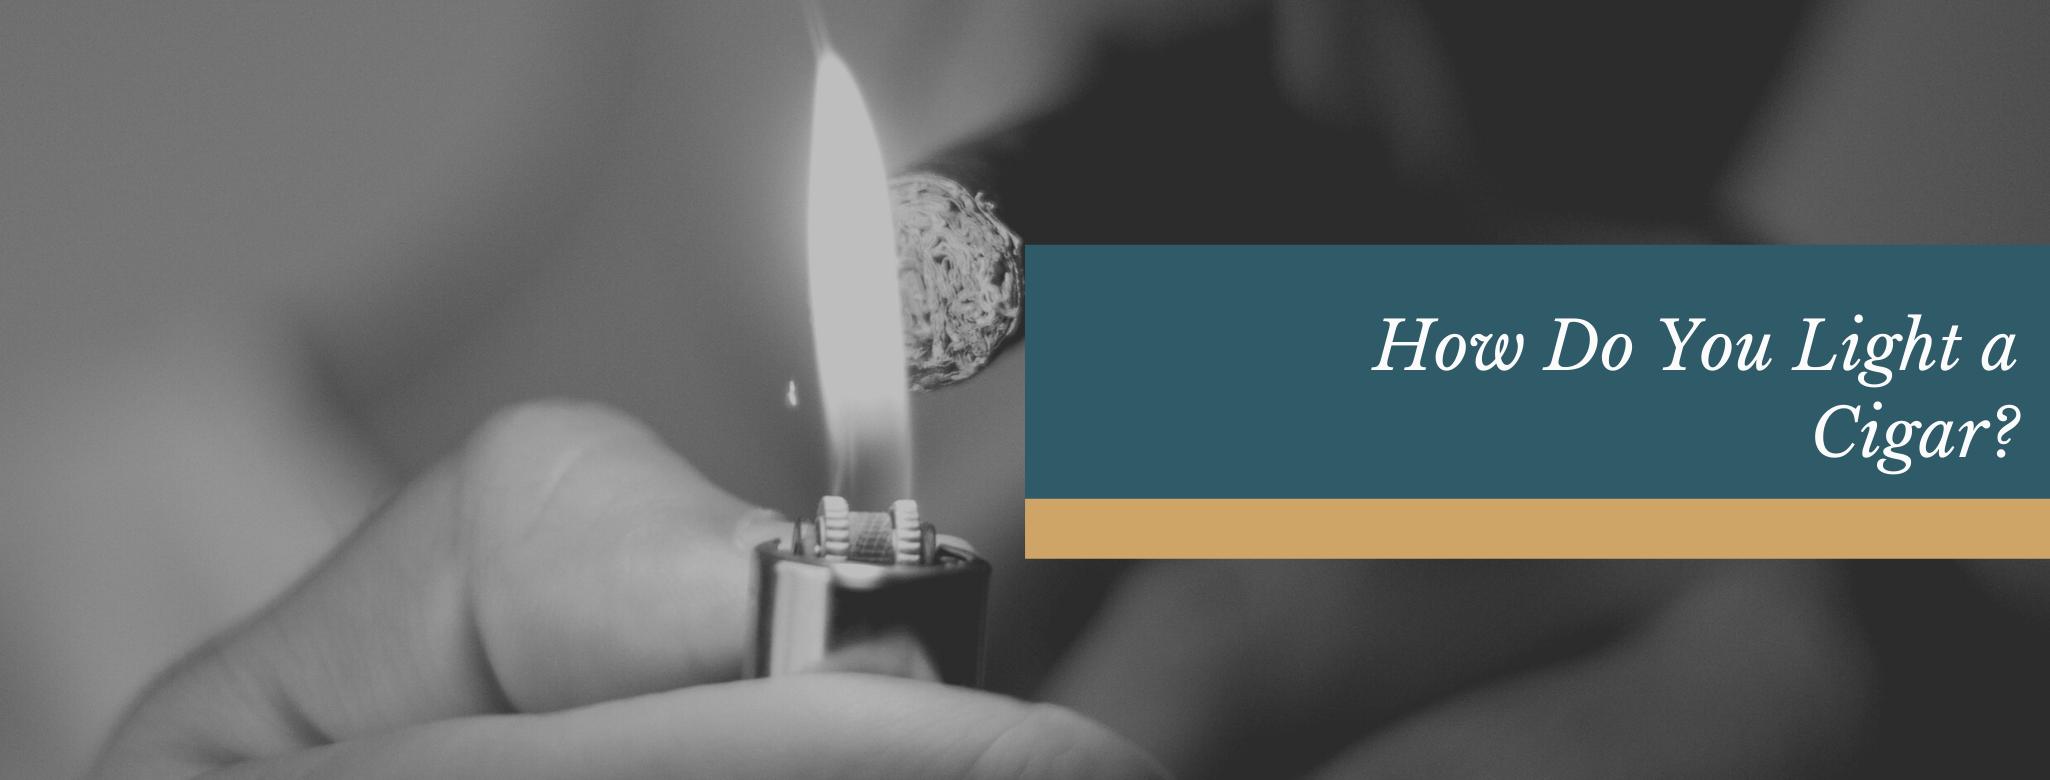 reads: how do you light a cigar?